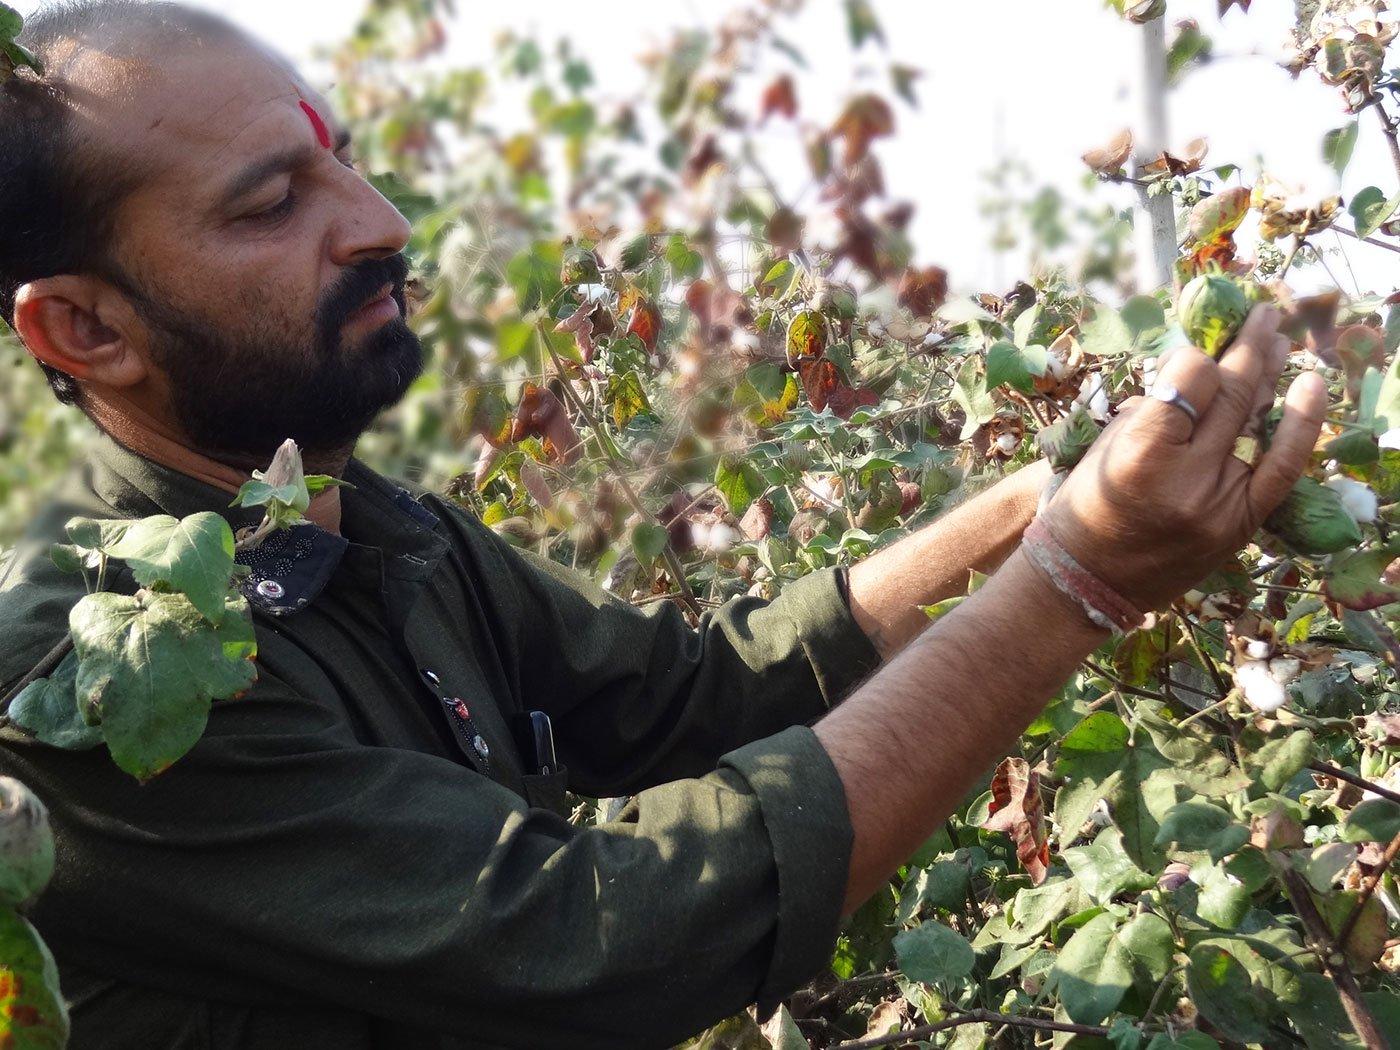 A man in cotton farm